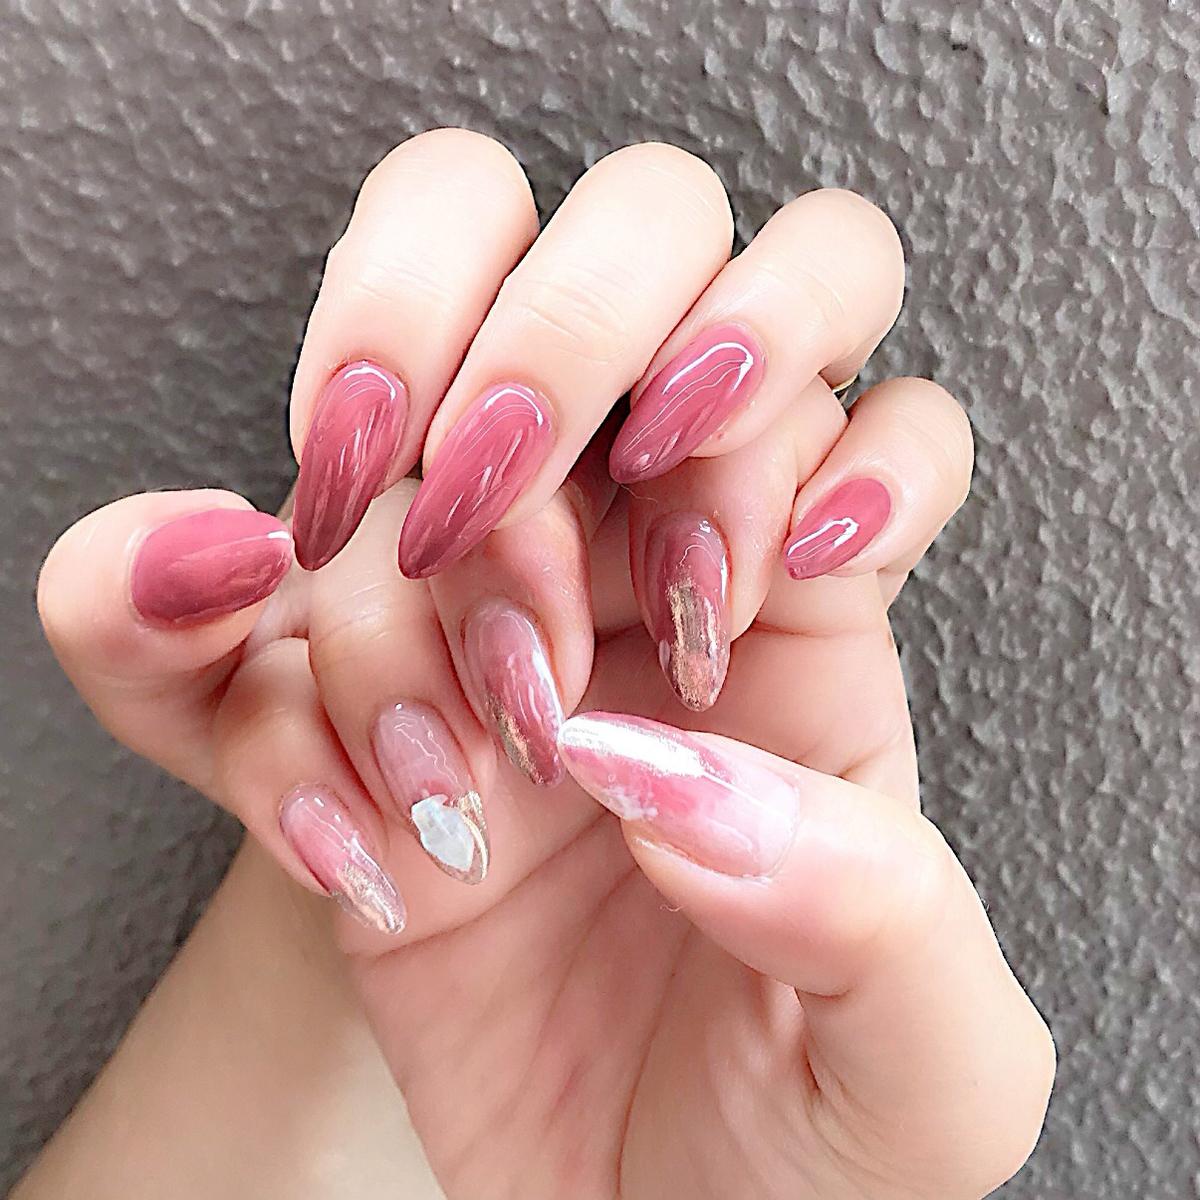 f:id:nail092:20190521150931j:plain